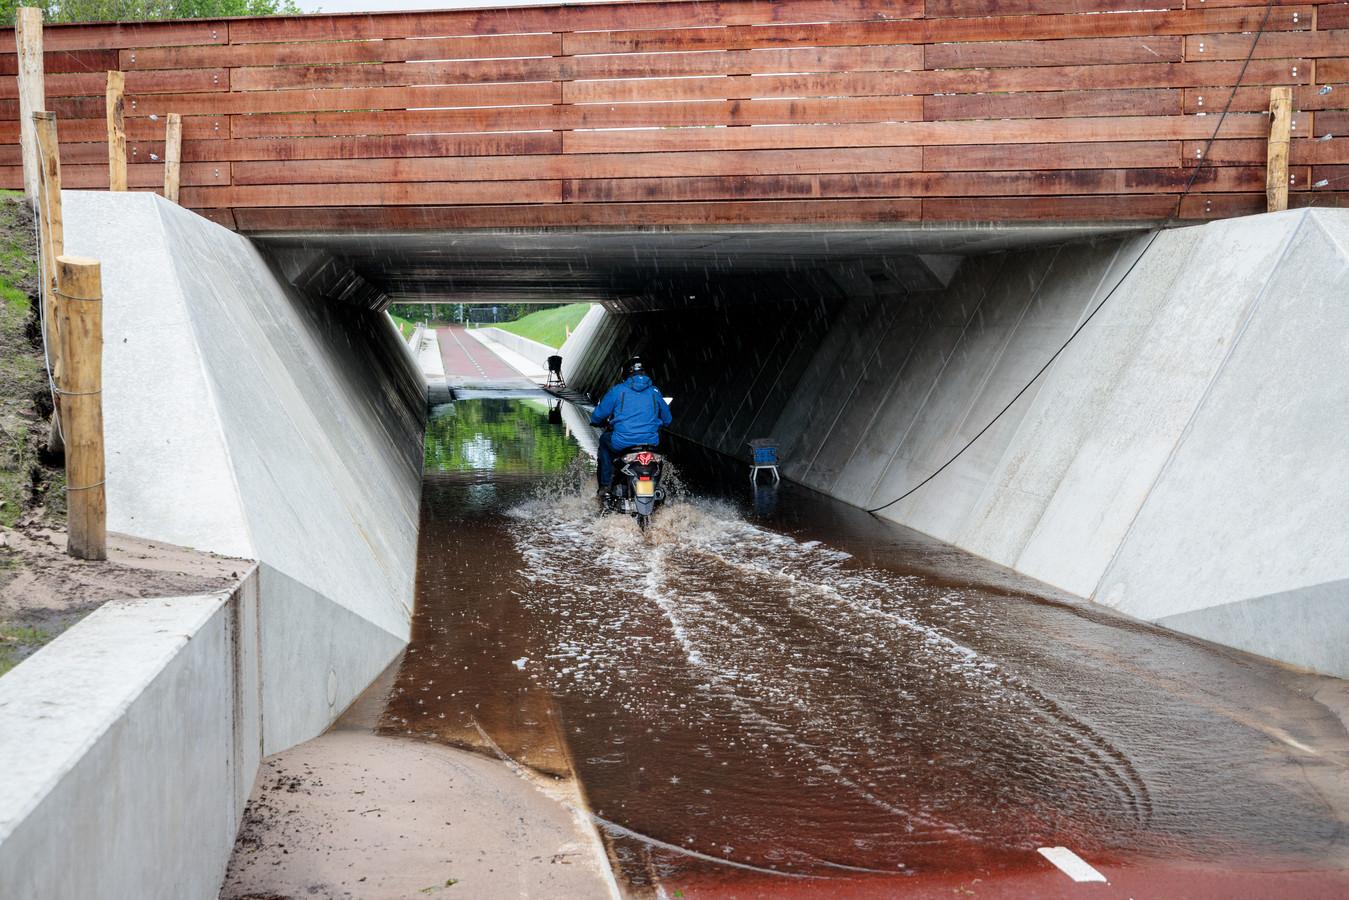 De nieuwe fietstunnel in Ommen moet voor het nieuwe schooljaar in gebruik worden genomen. Inwoners maken zich echter zorgen, nu de onderdoorgang na wat regenbuien vol met water is komen te staan.